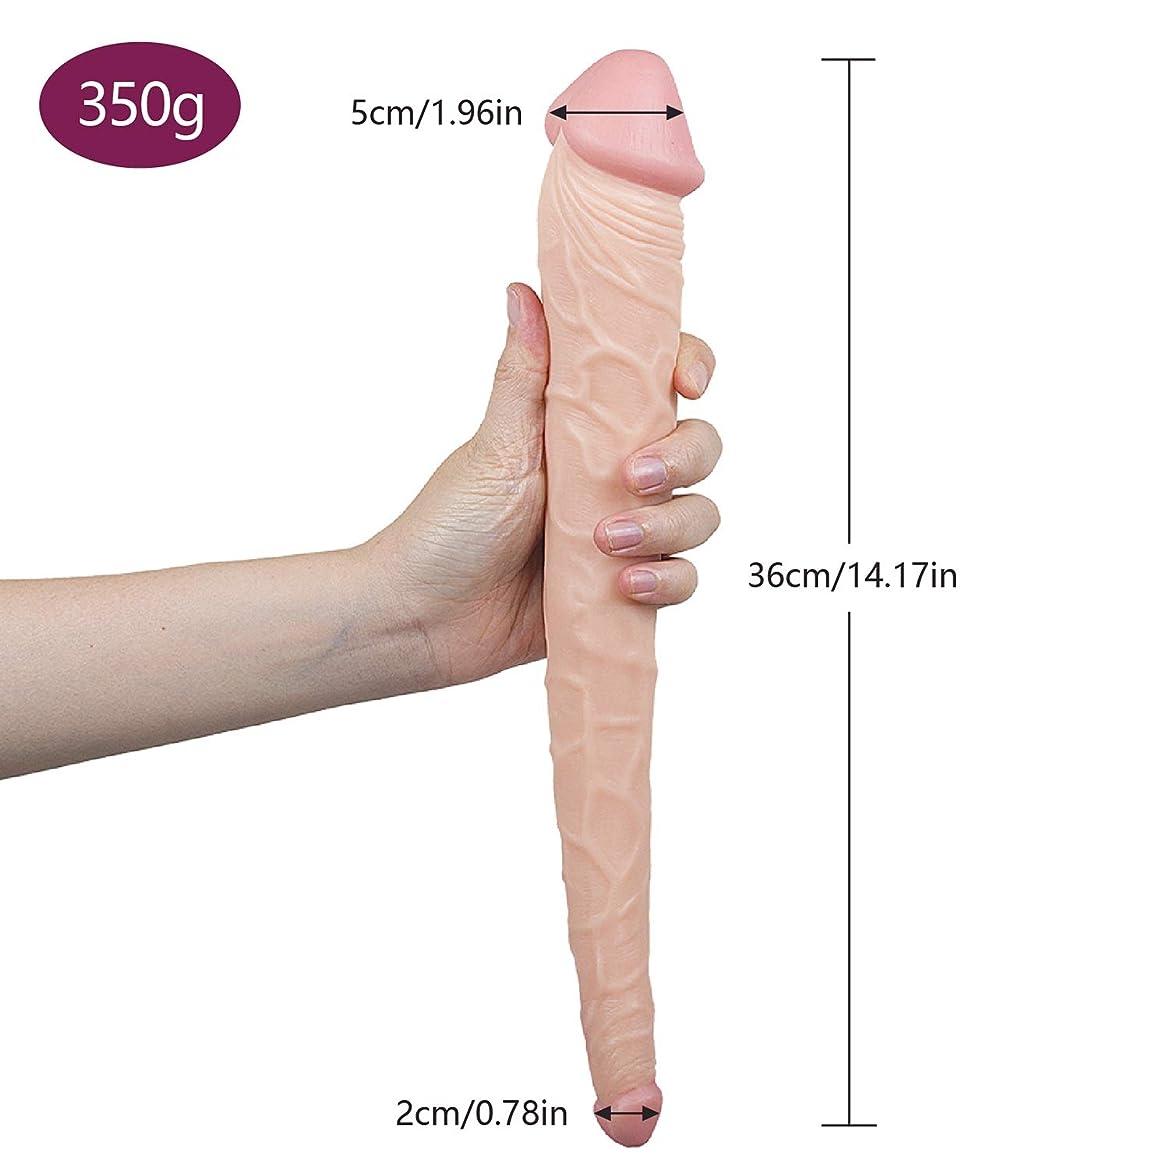 微生物看板名前YUQIUSHU ダブルエンドヘッドマッサージワンドパーソナルリラックスマッサージカップボックスパッケージA48-おもちゃ女性用